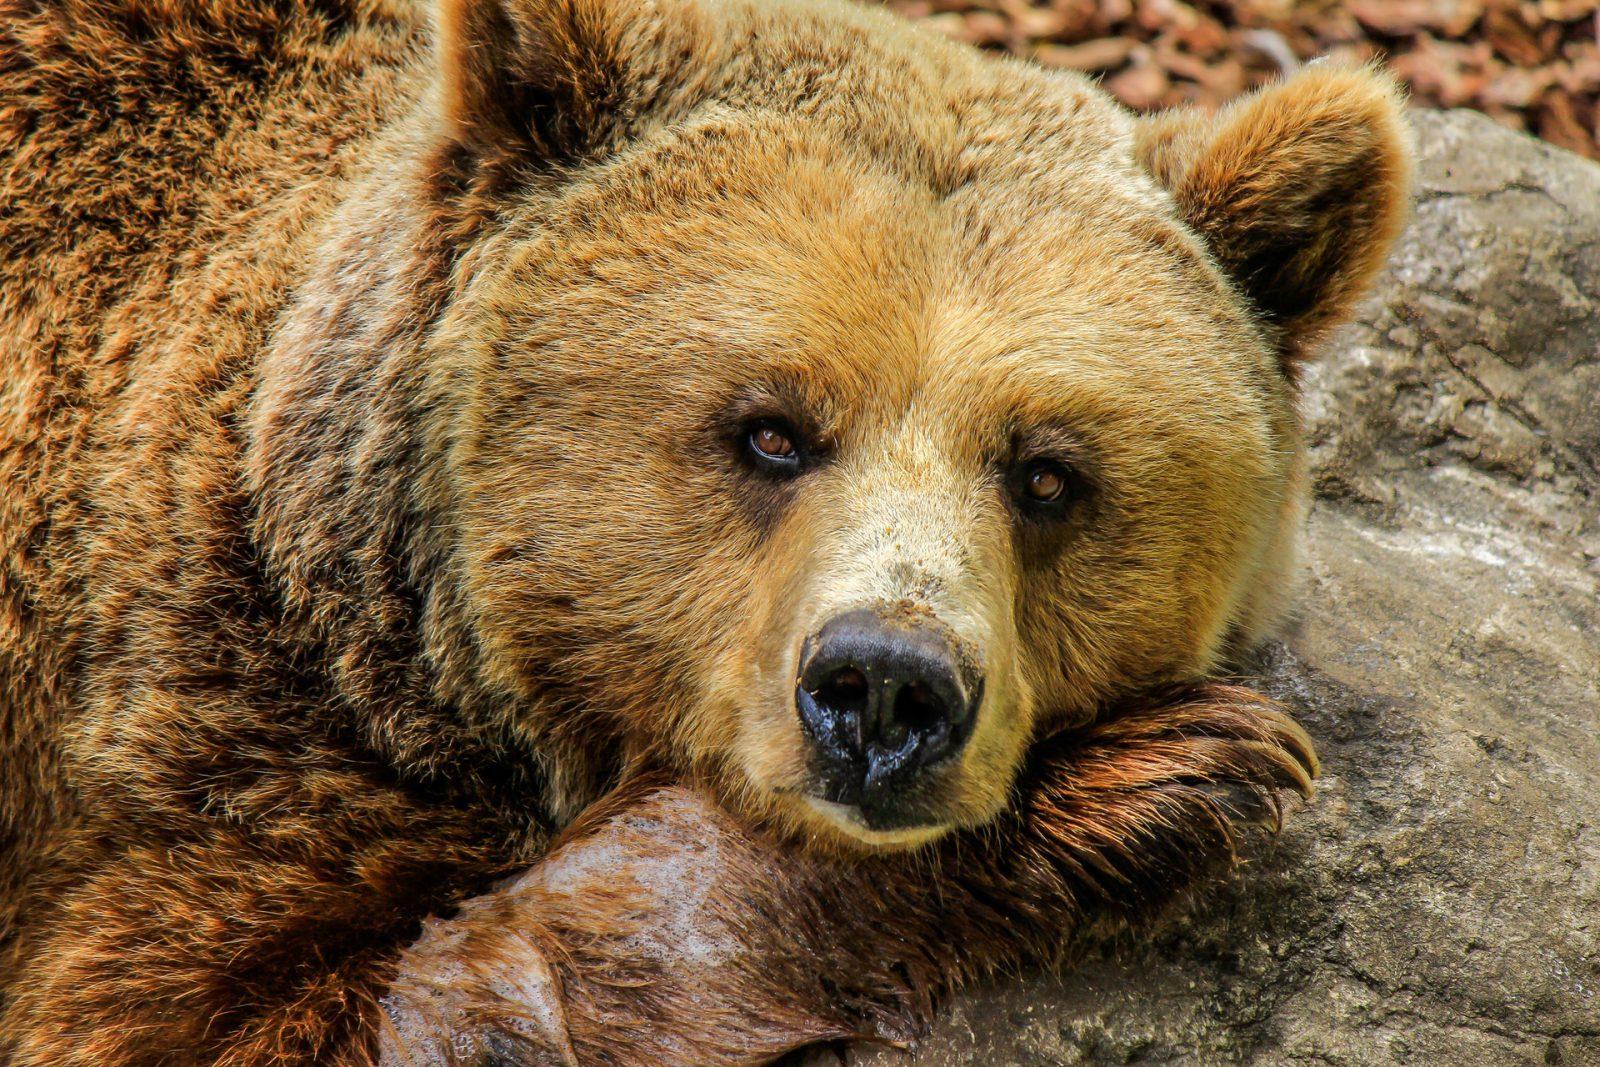 O urso pardo é uma animal onívoro, que se alimenta tanto de frutas e vegetais como de carne (vermelha e peixes).